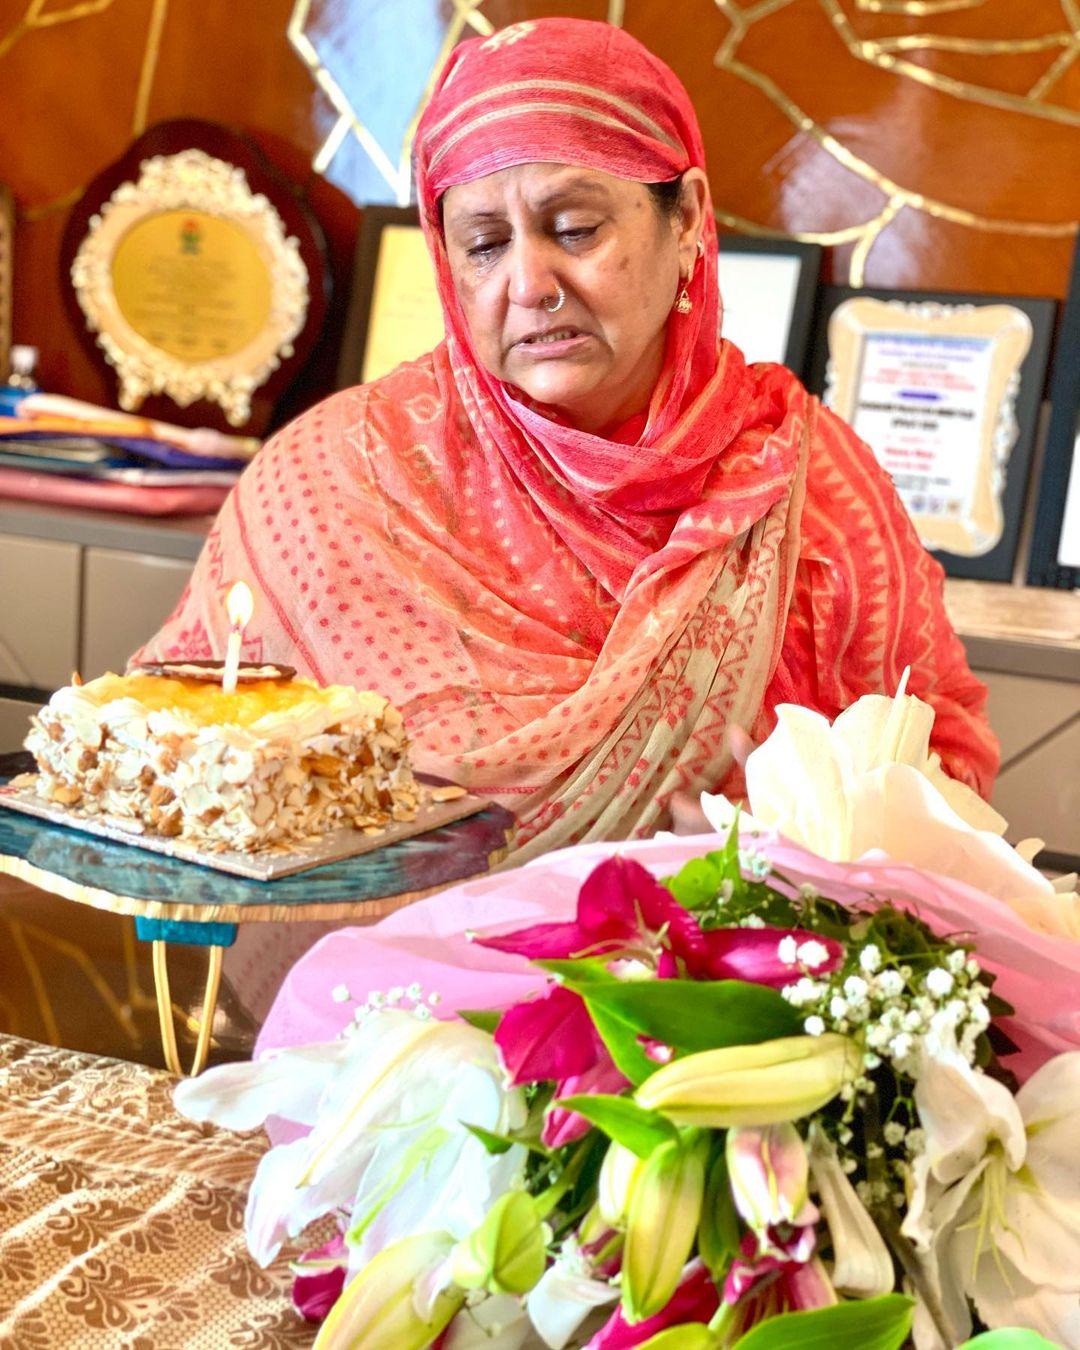 hina khan mother